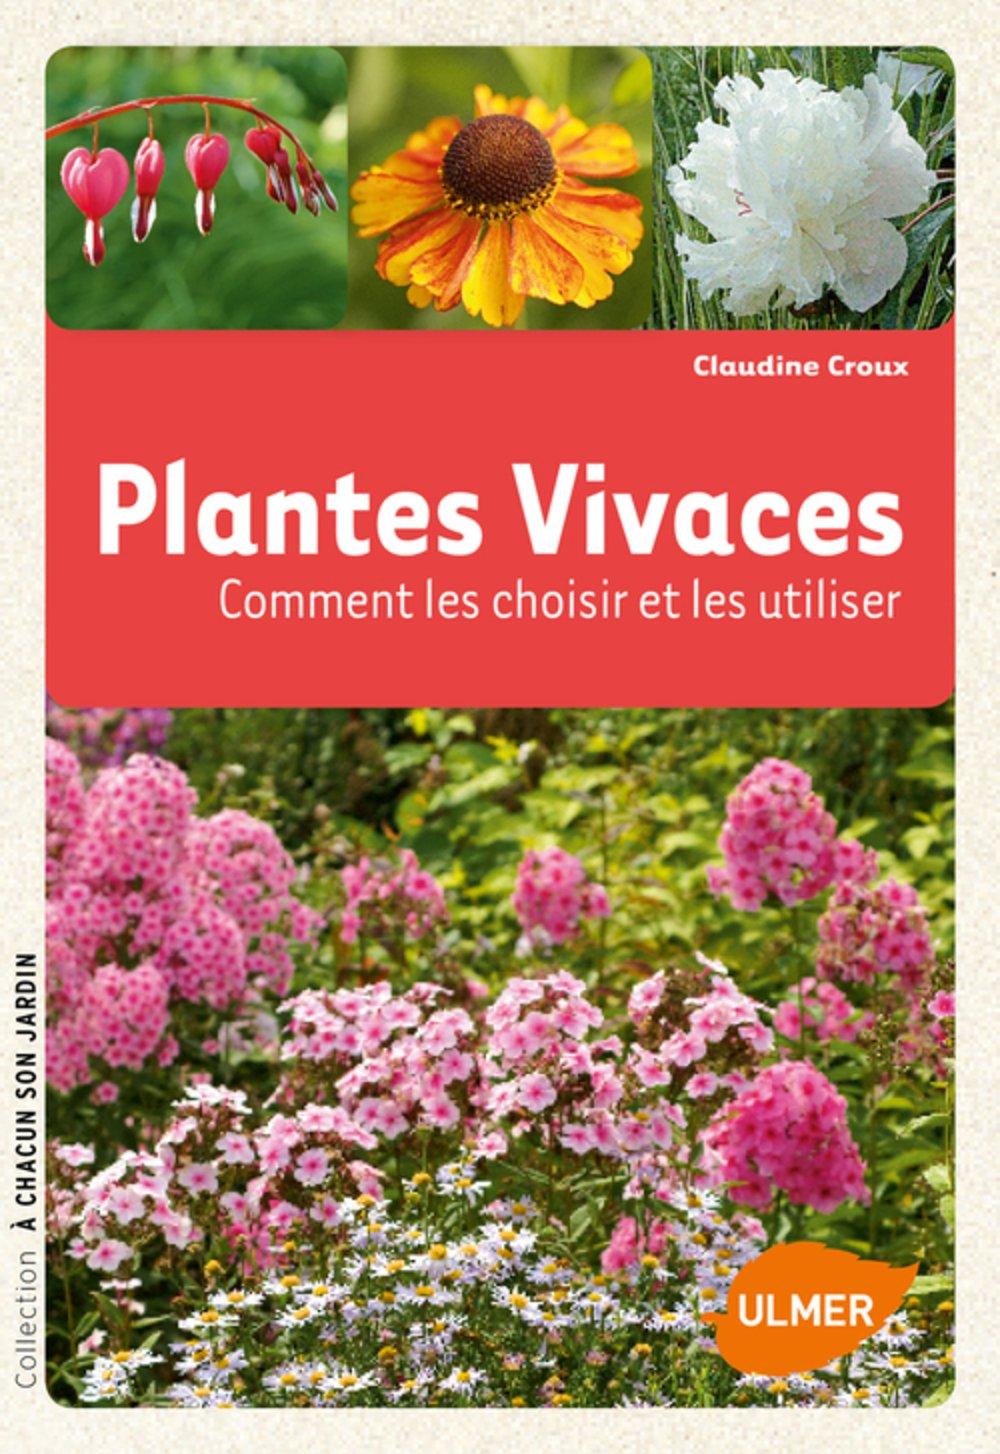 Bordure Plantes Vivaces Pour Bordure De Jardin Meilleures Id Es